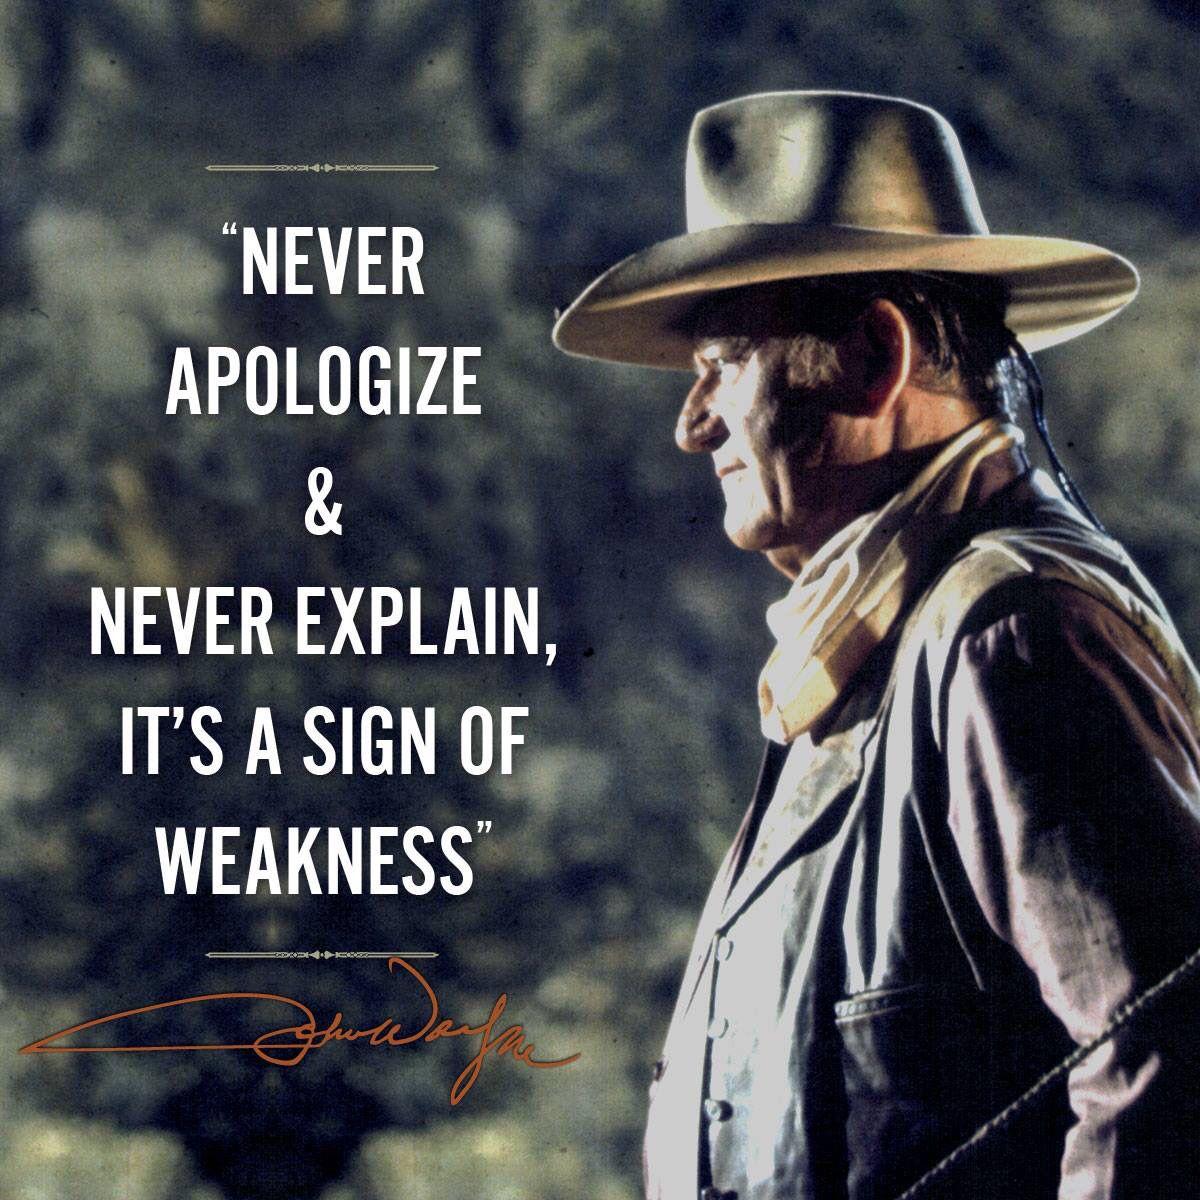 John Wayne John Wayne Quotes Cowboy Quotes John Wayne